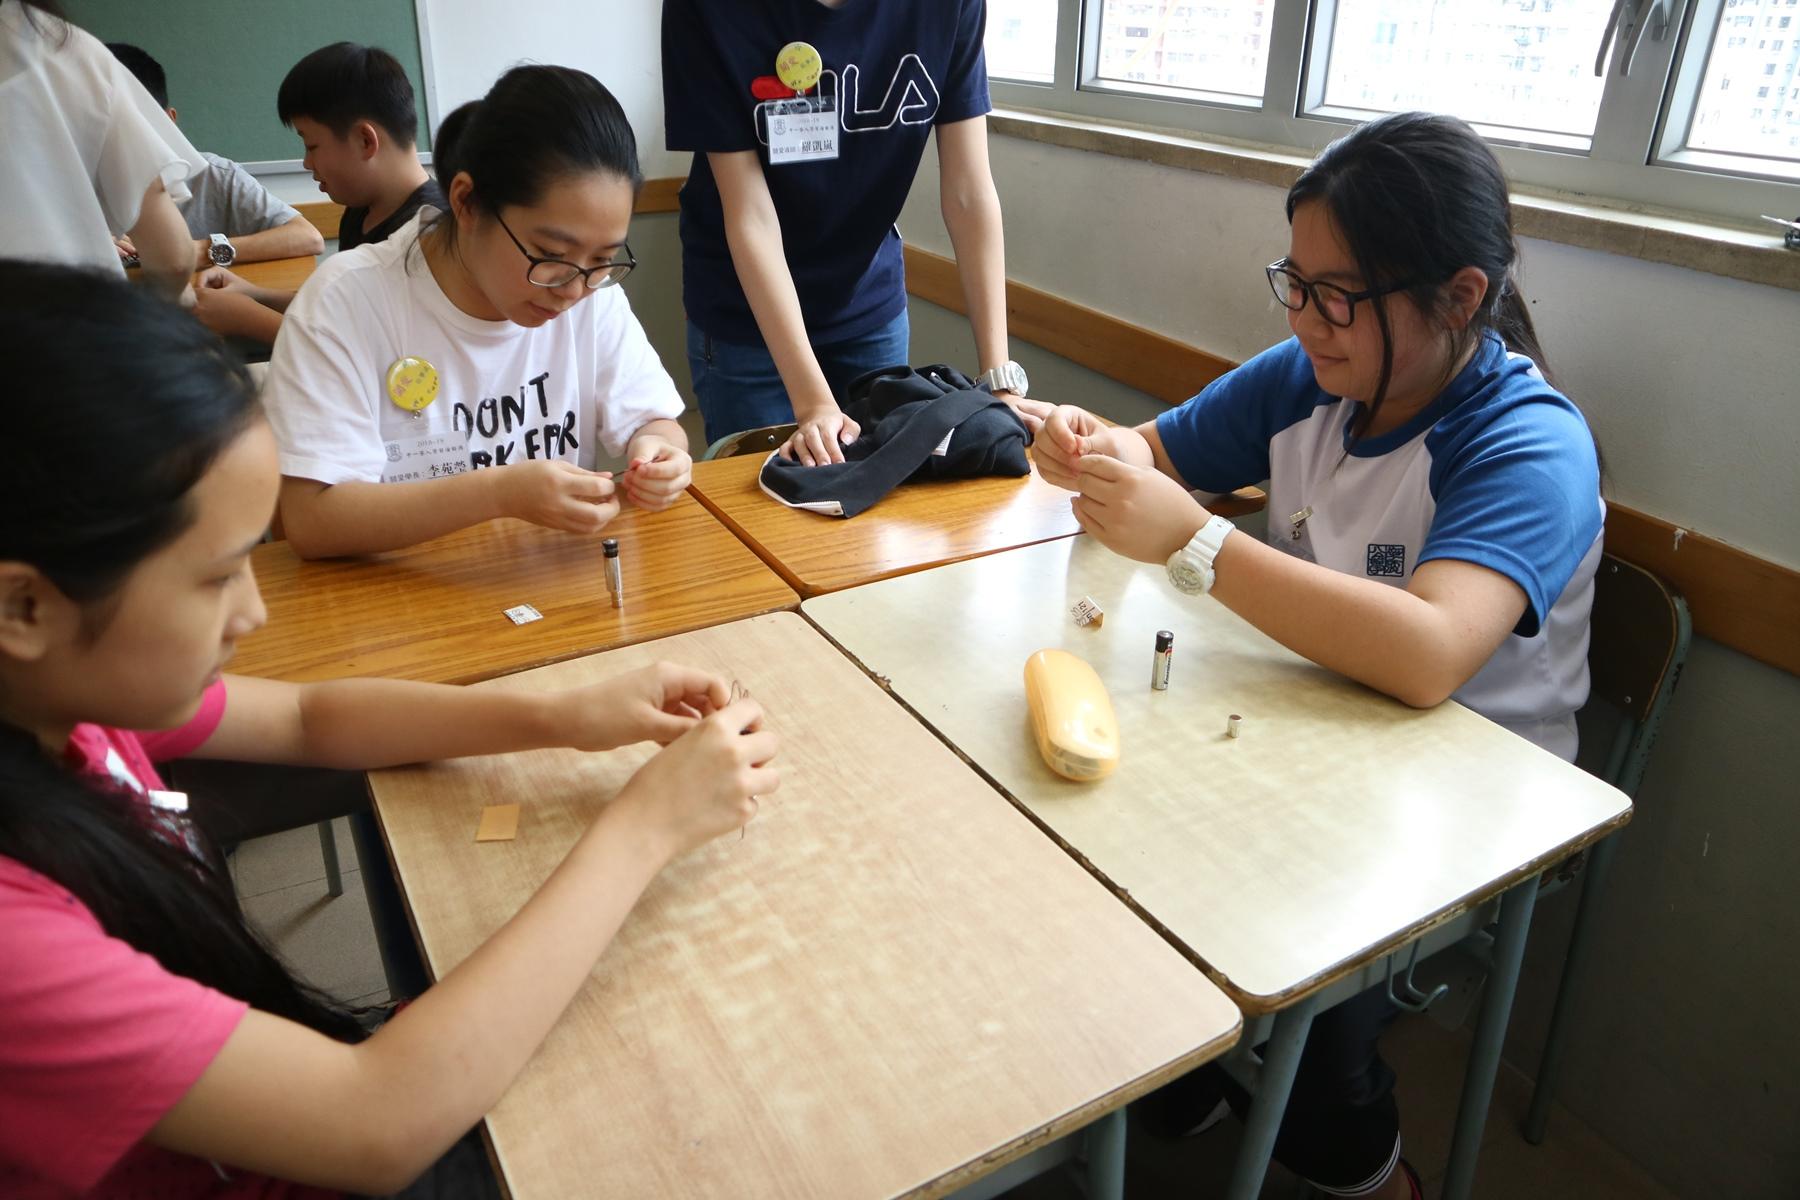 https://www.npc.edu.hk/sites/default/files/1b_qu_wei_xiao_shi_yan_02.jpg